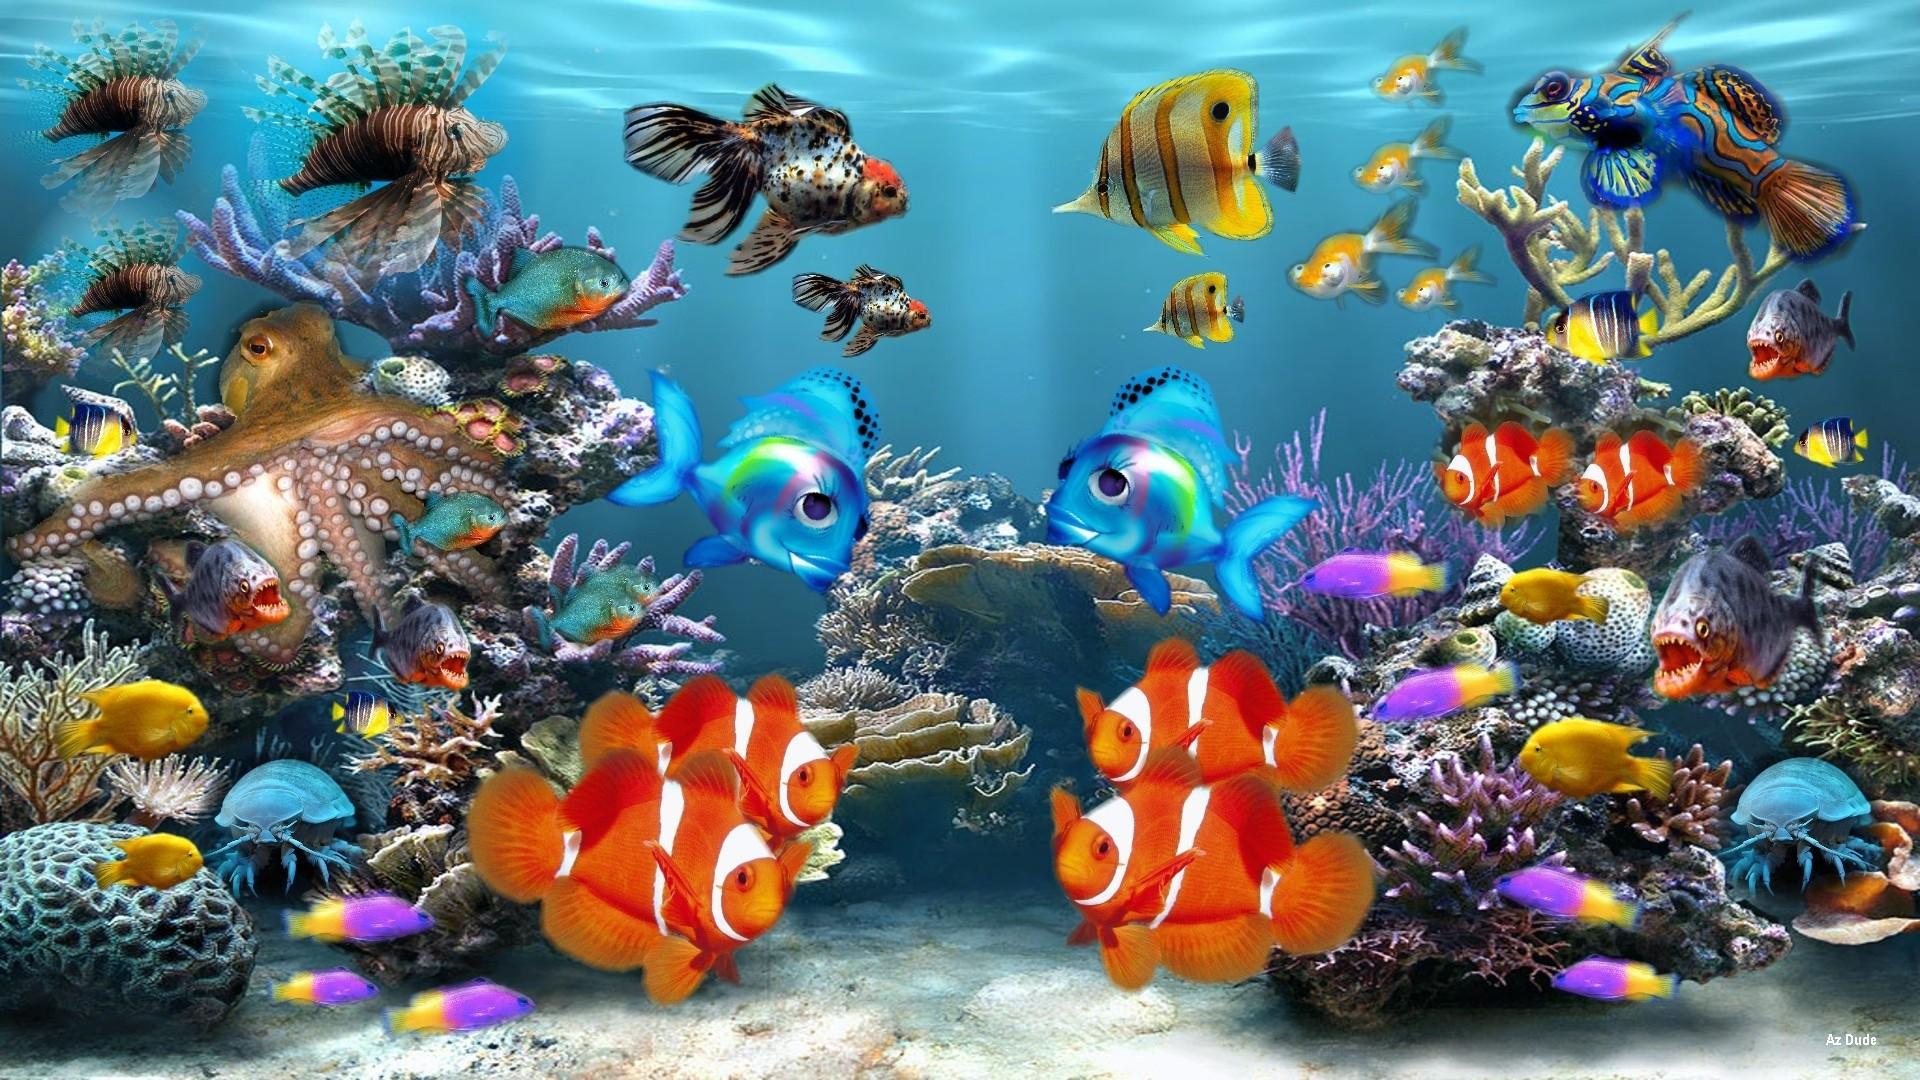 Download Fish Tank 3d Live Wallpaper 3d Aquarium Wallpaper 52 Images